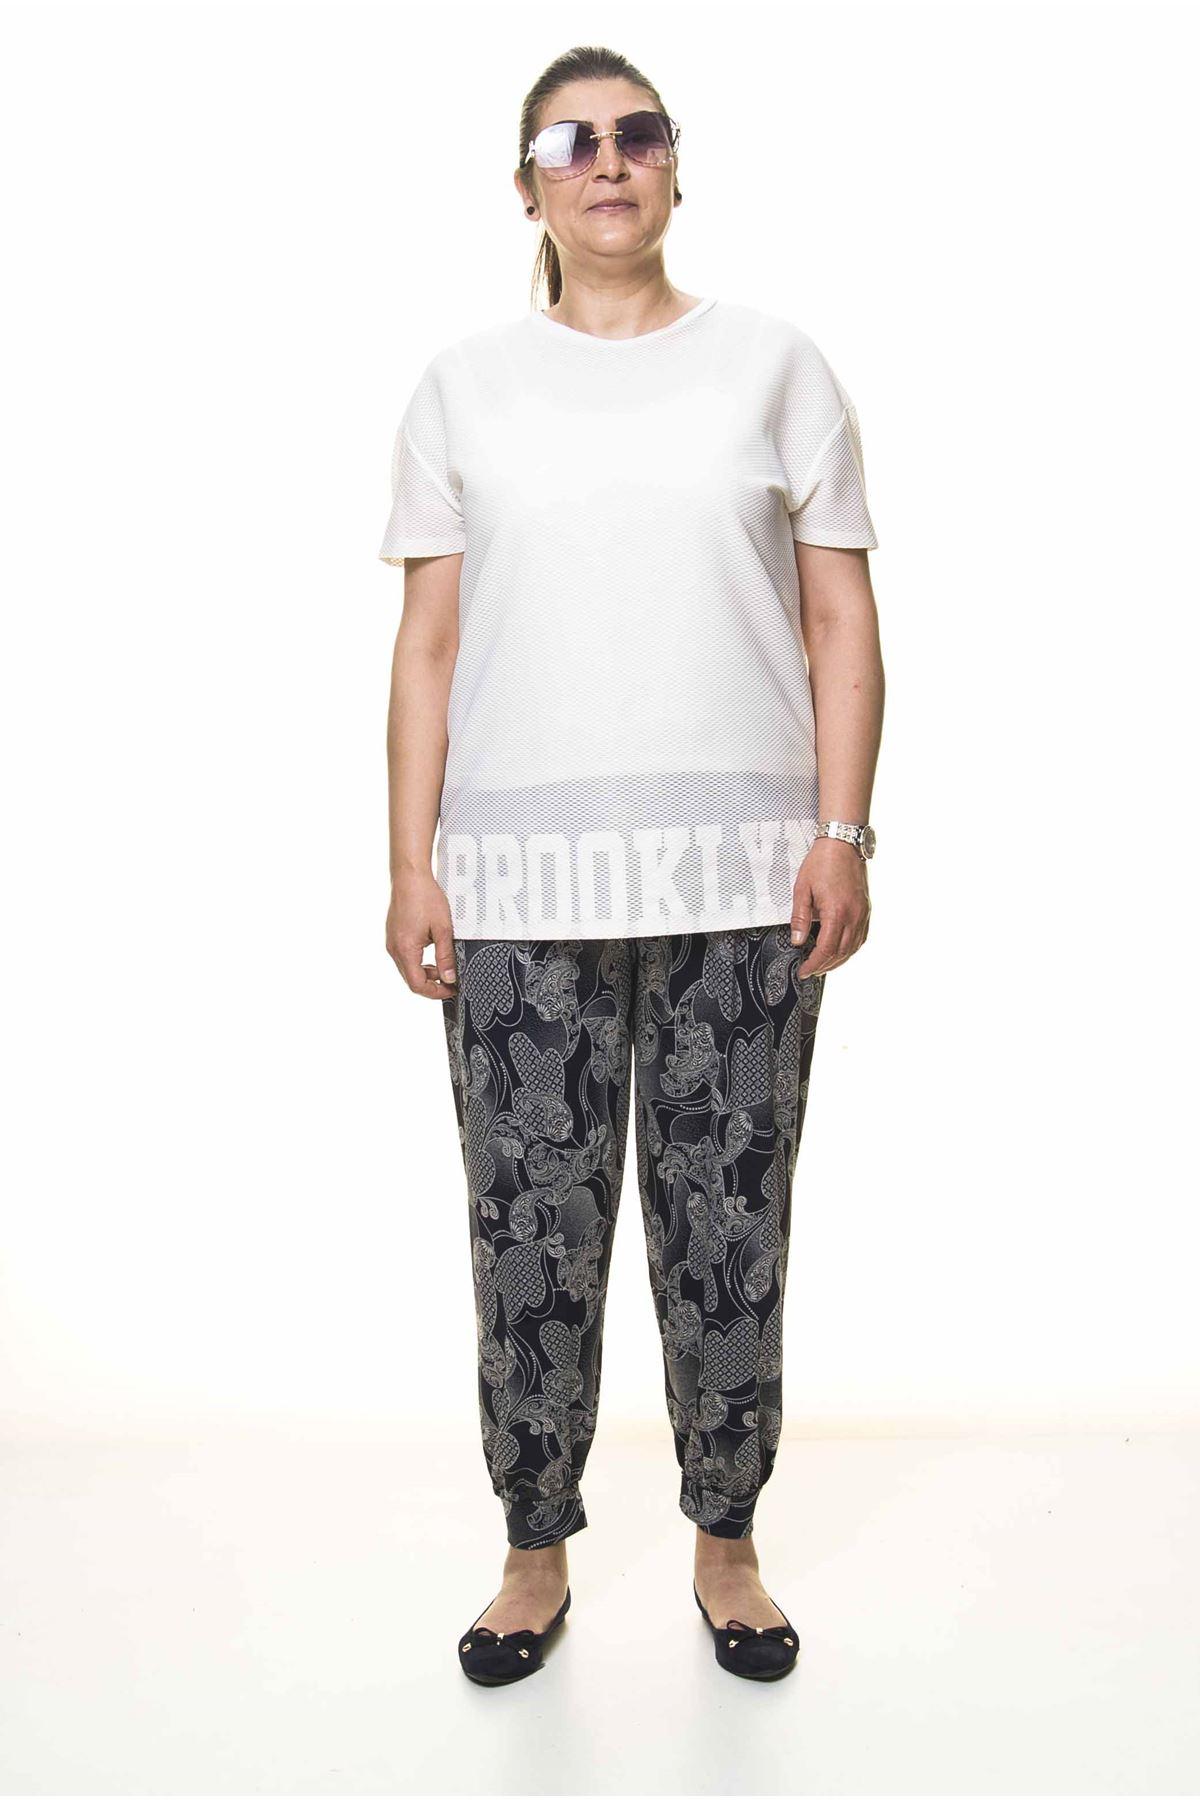 Kadın Büyük Beden Desenli Yazlık Şalvar Pantolon 13C-3096